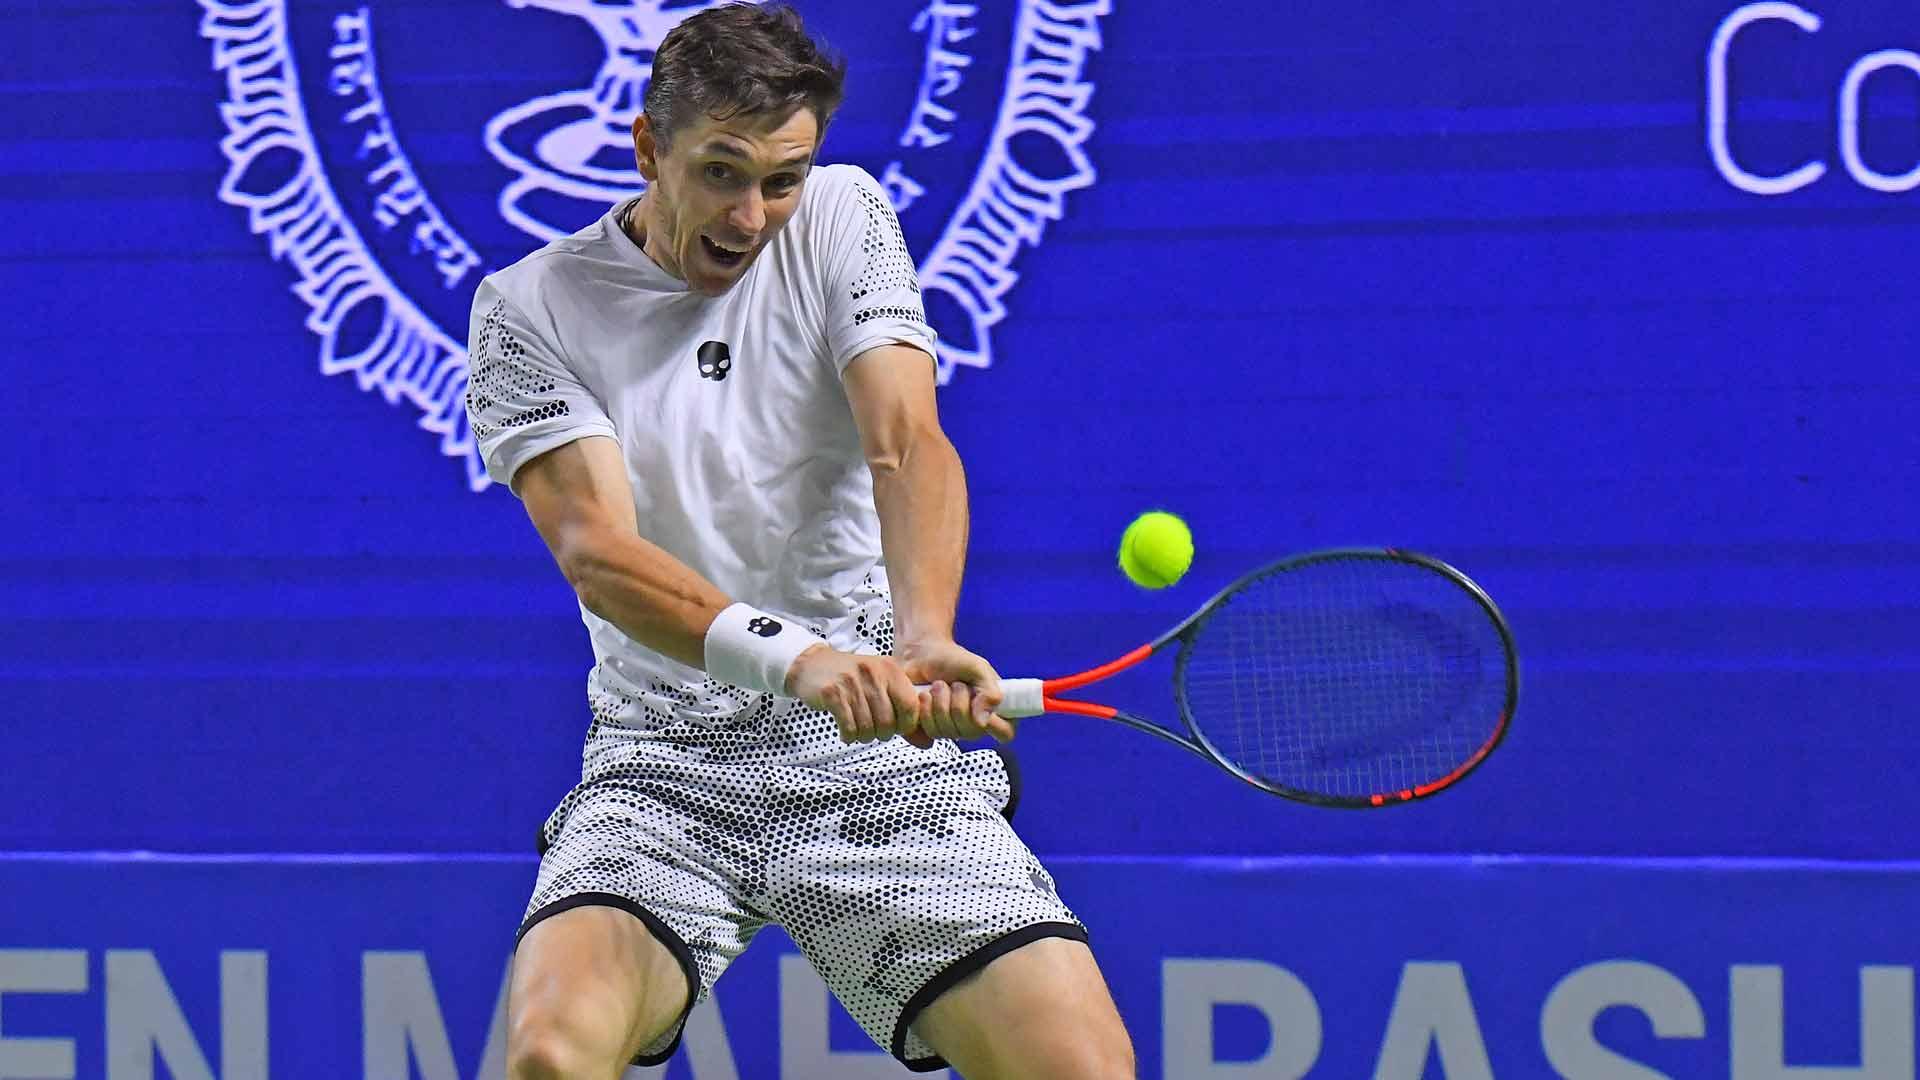 Gerasimov Tennis